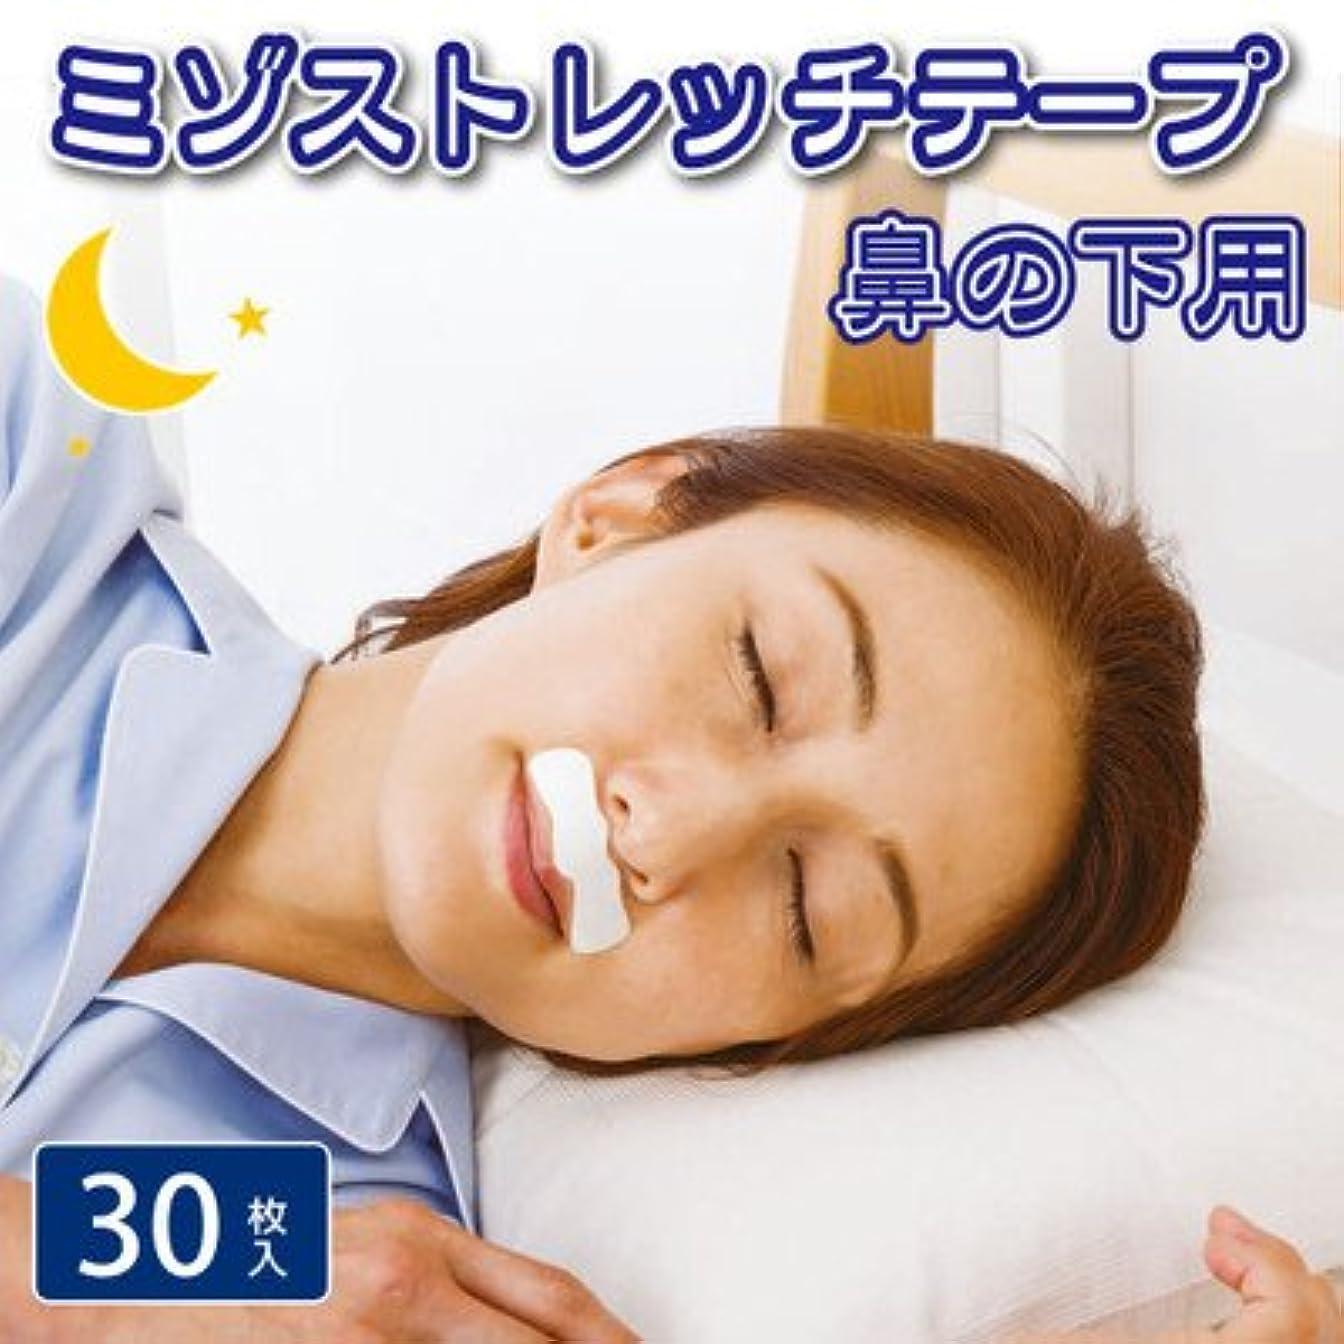 食べる彫刻解く貼って寝るだけ 翌朝ピーン ミゾストレッチテープ 鼻の下用